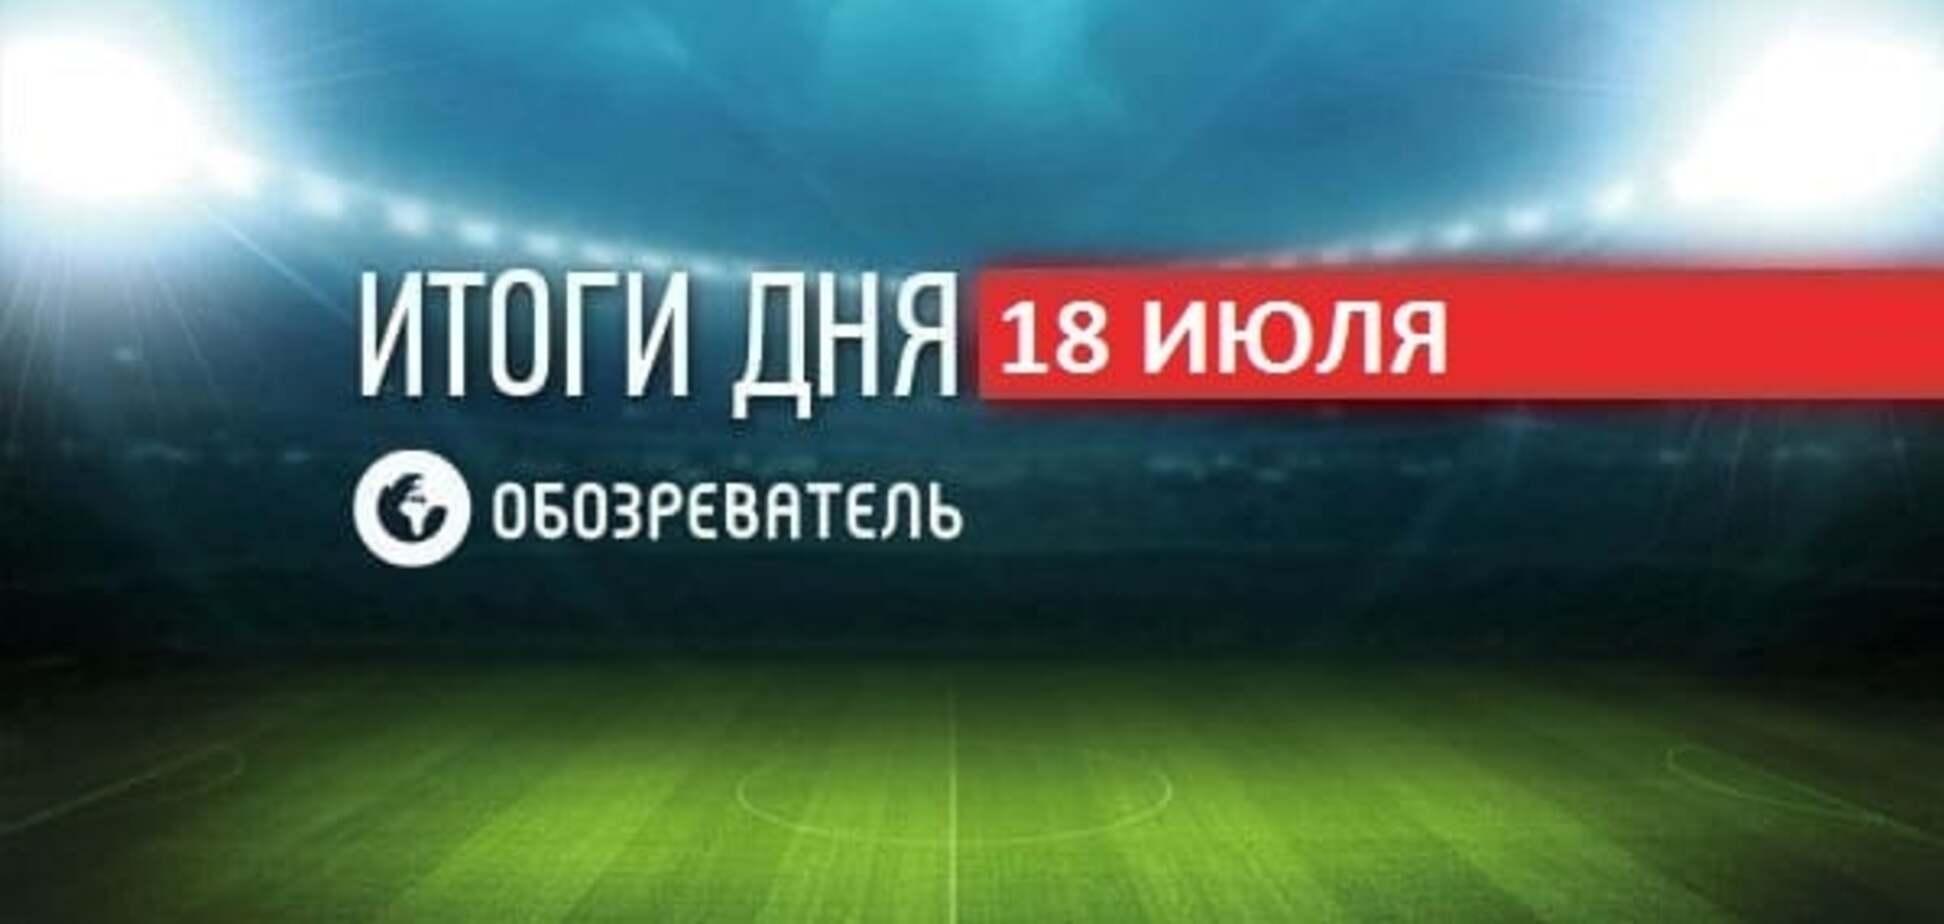 WADA викрило допінгову держпрограму Росії, а Фоменко залишається тренером збірної України. Спортивні підсумки 18 липня